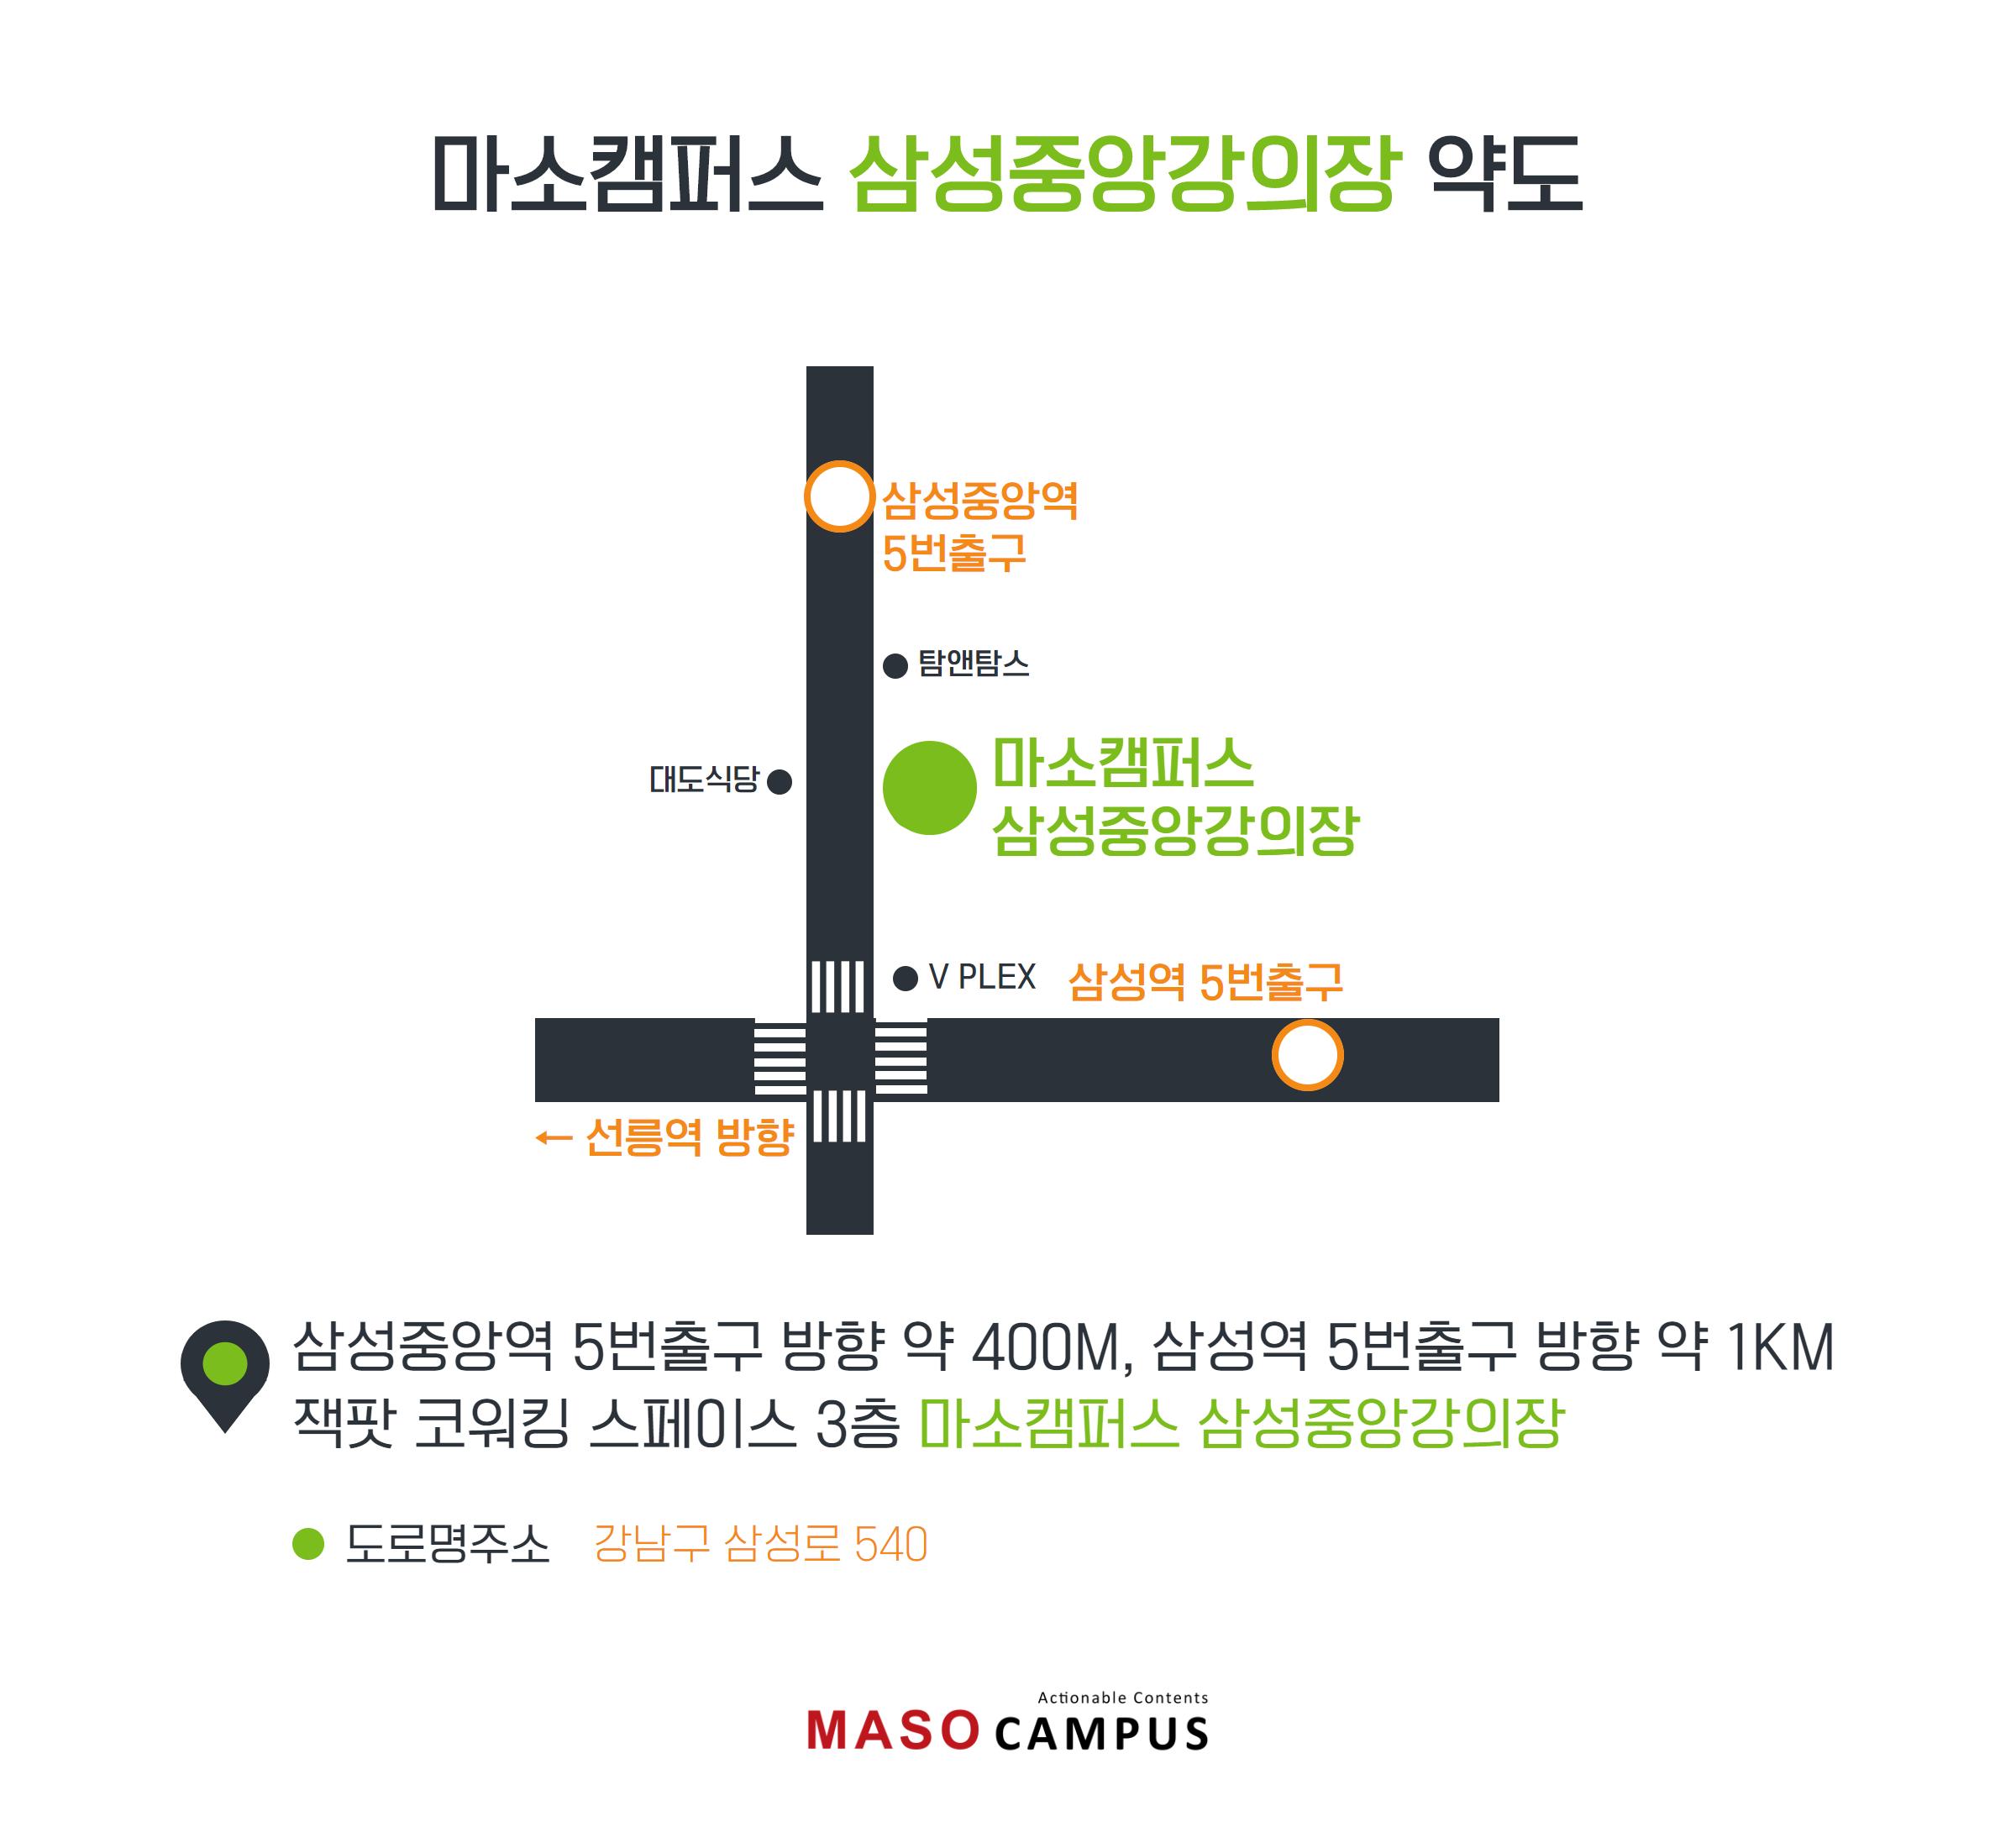 삼성중앙역 강의장 찾아 오시는 길